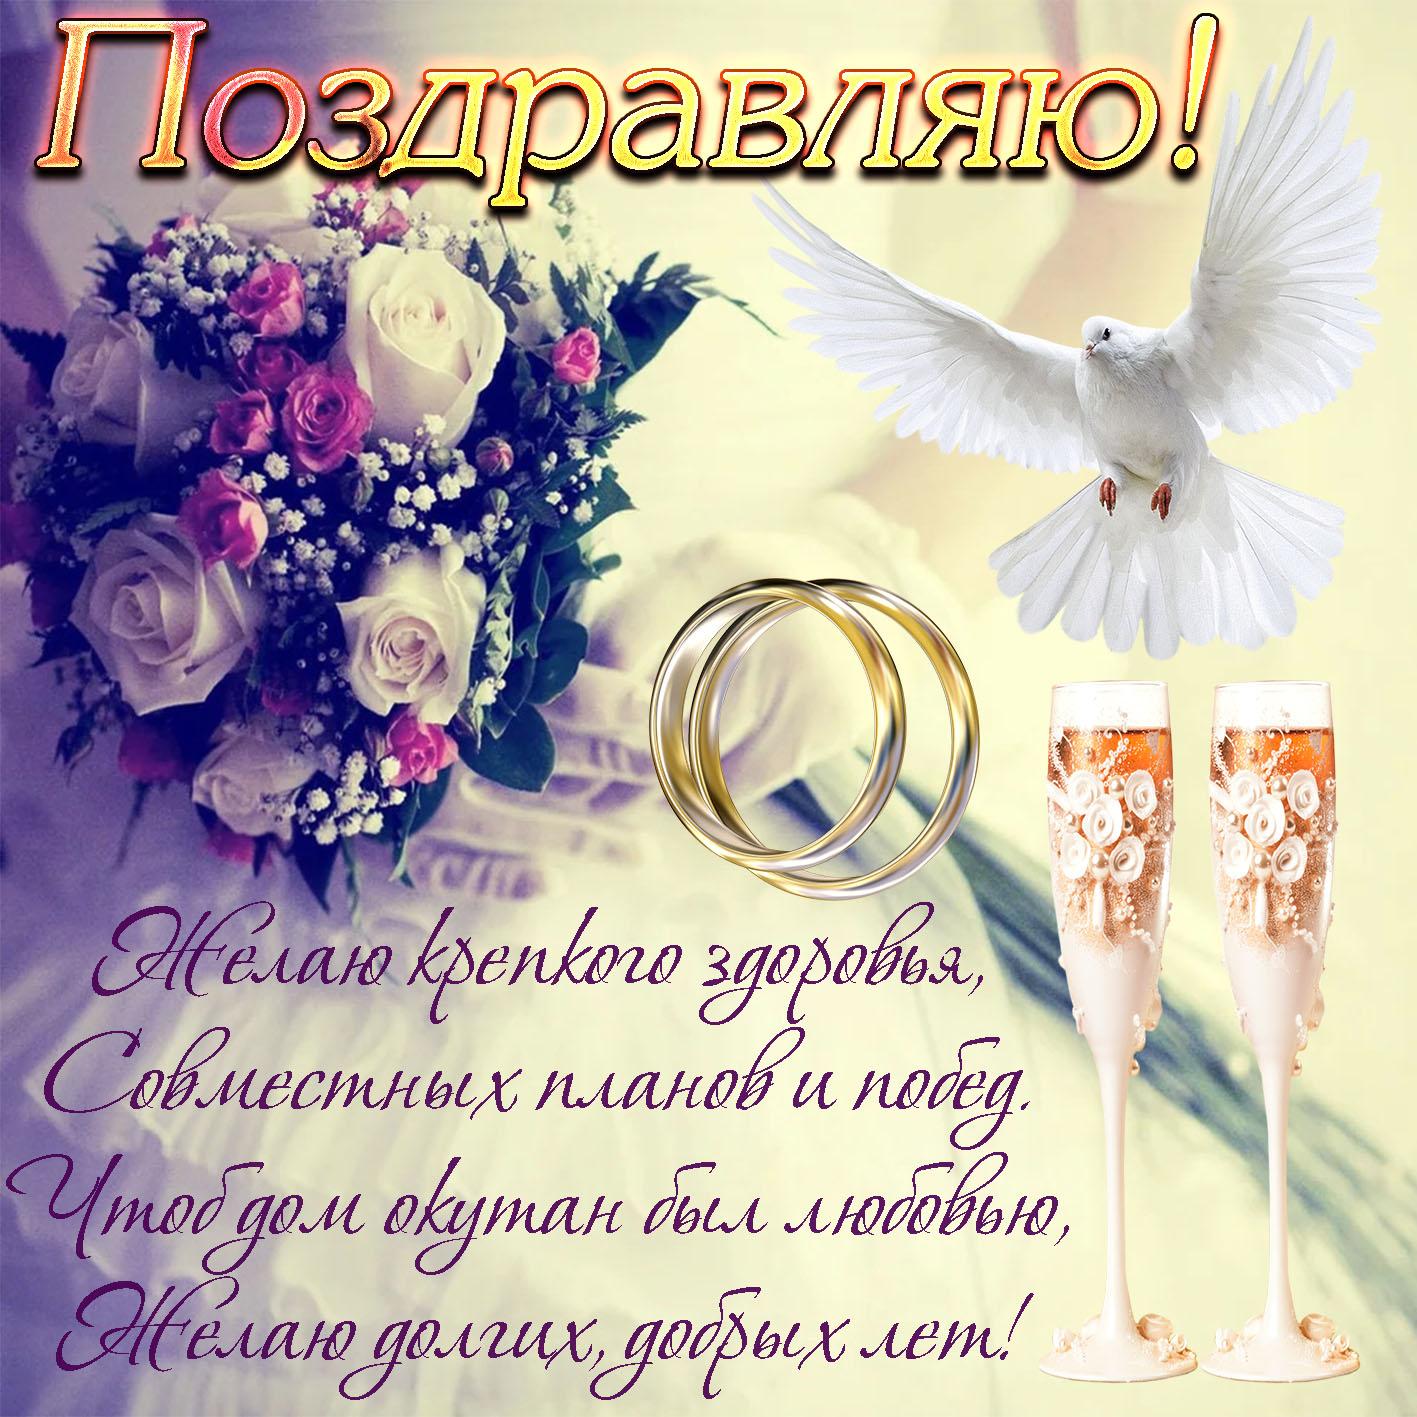 открытки с днем свадьбы красивые 2 года одно, что этот